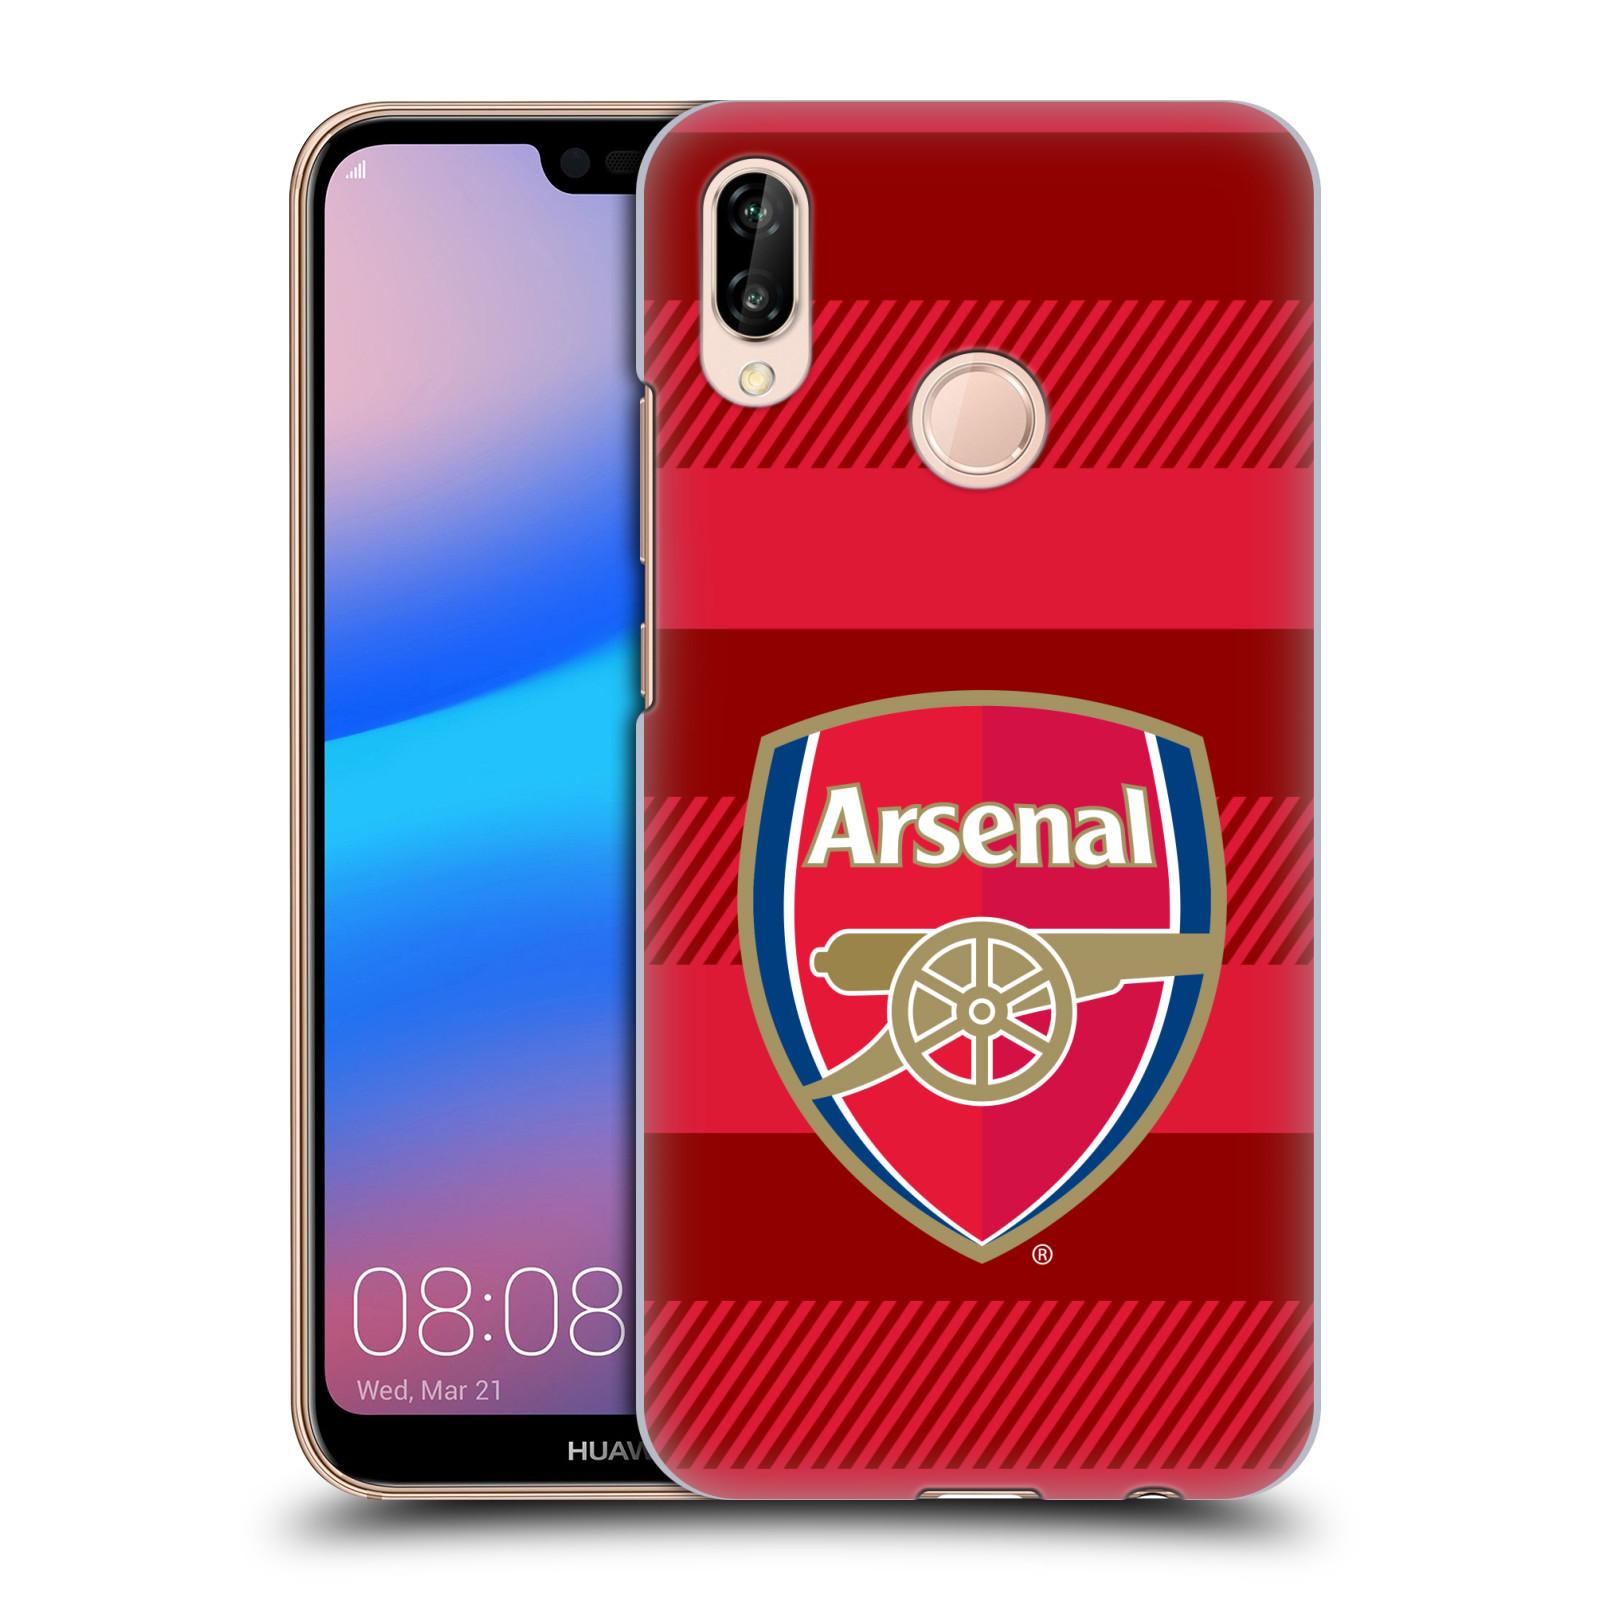 Plastové pouzdro na mobil Huawei P20 Lite - Head Case - Arsenal FC - Logo s pruhy